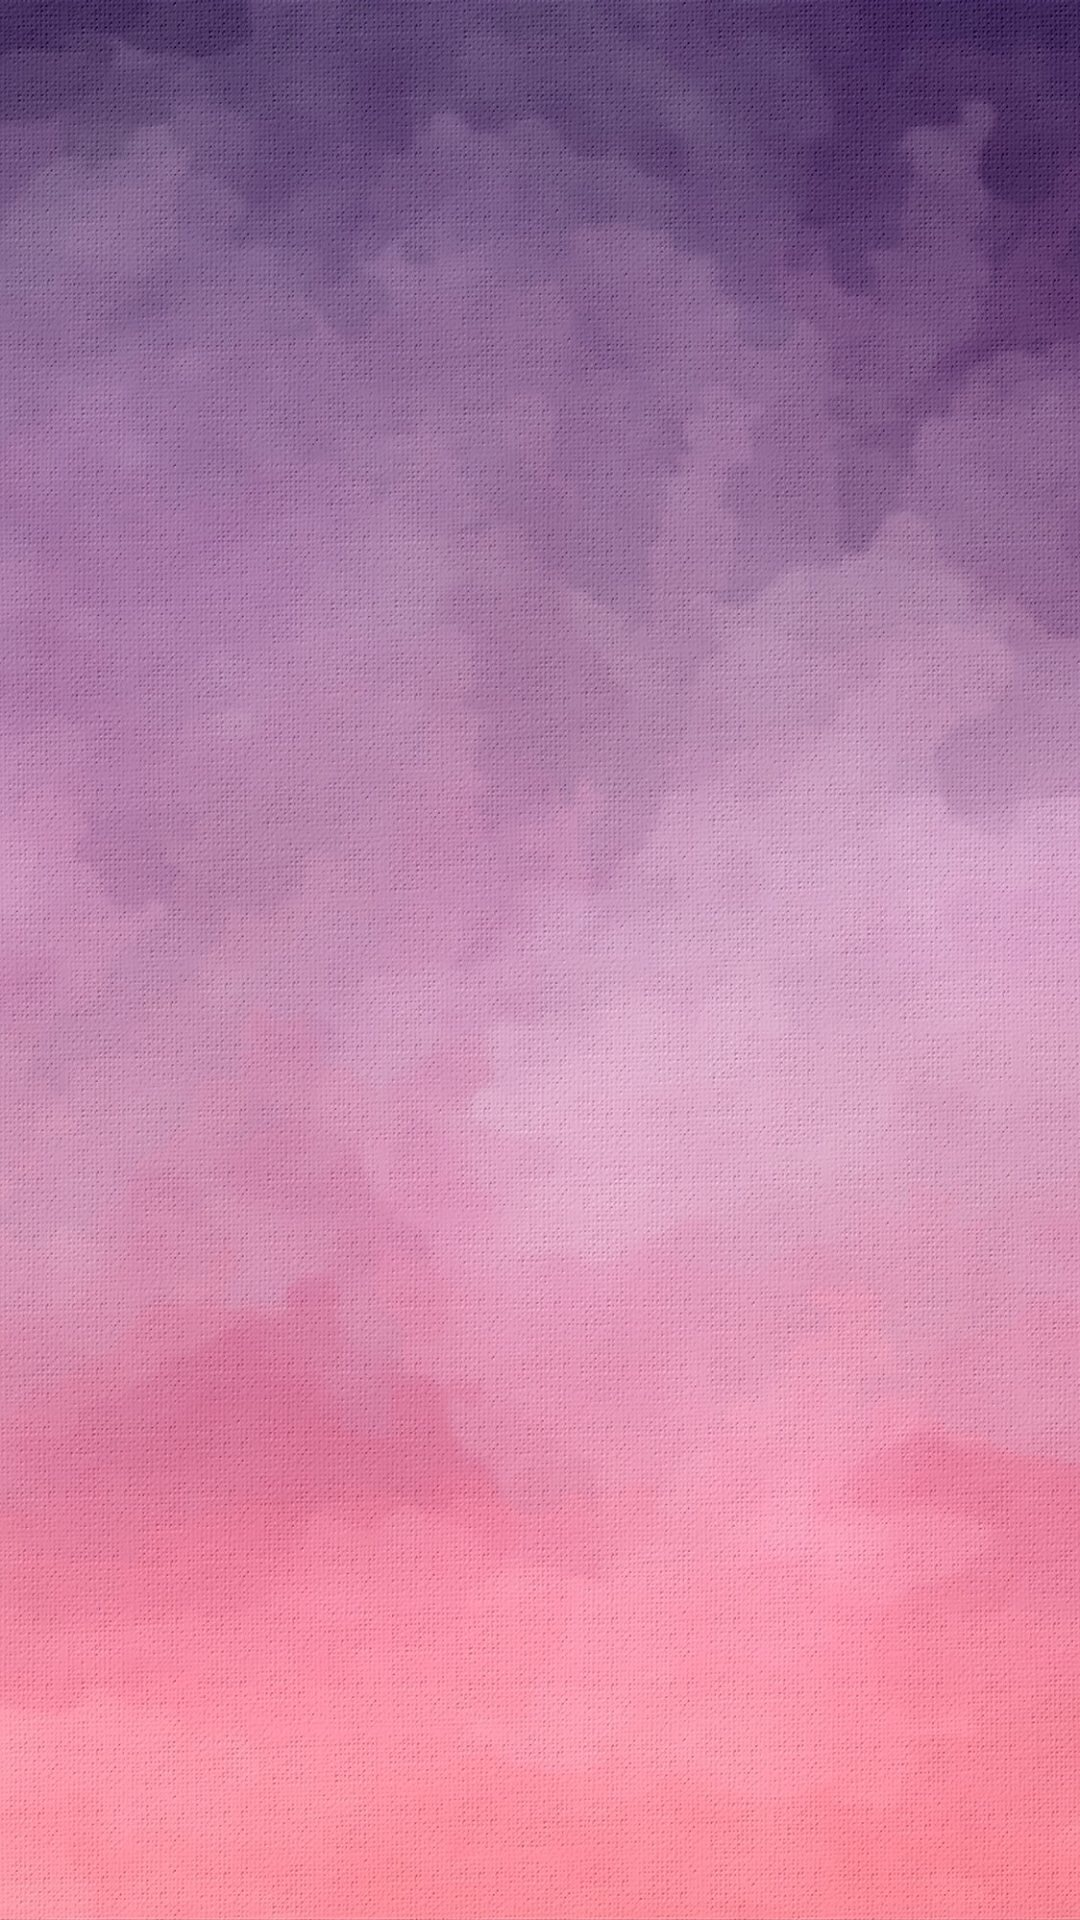 电脑上wap网:渐变 粉色 水彩 简约 少女 苹果手机高清壁纸 1080x1920